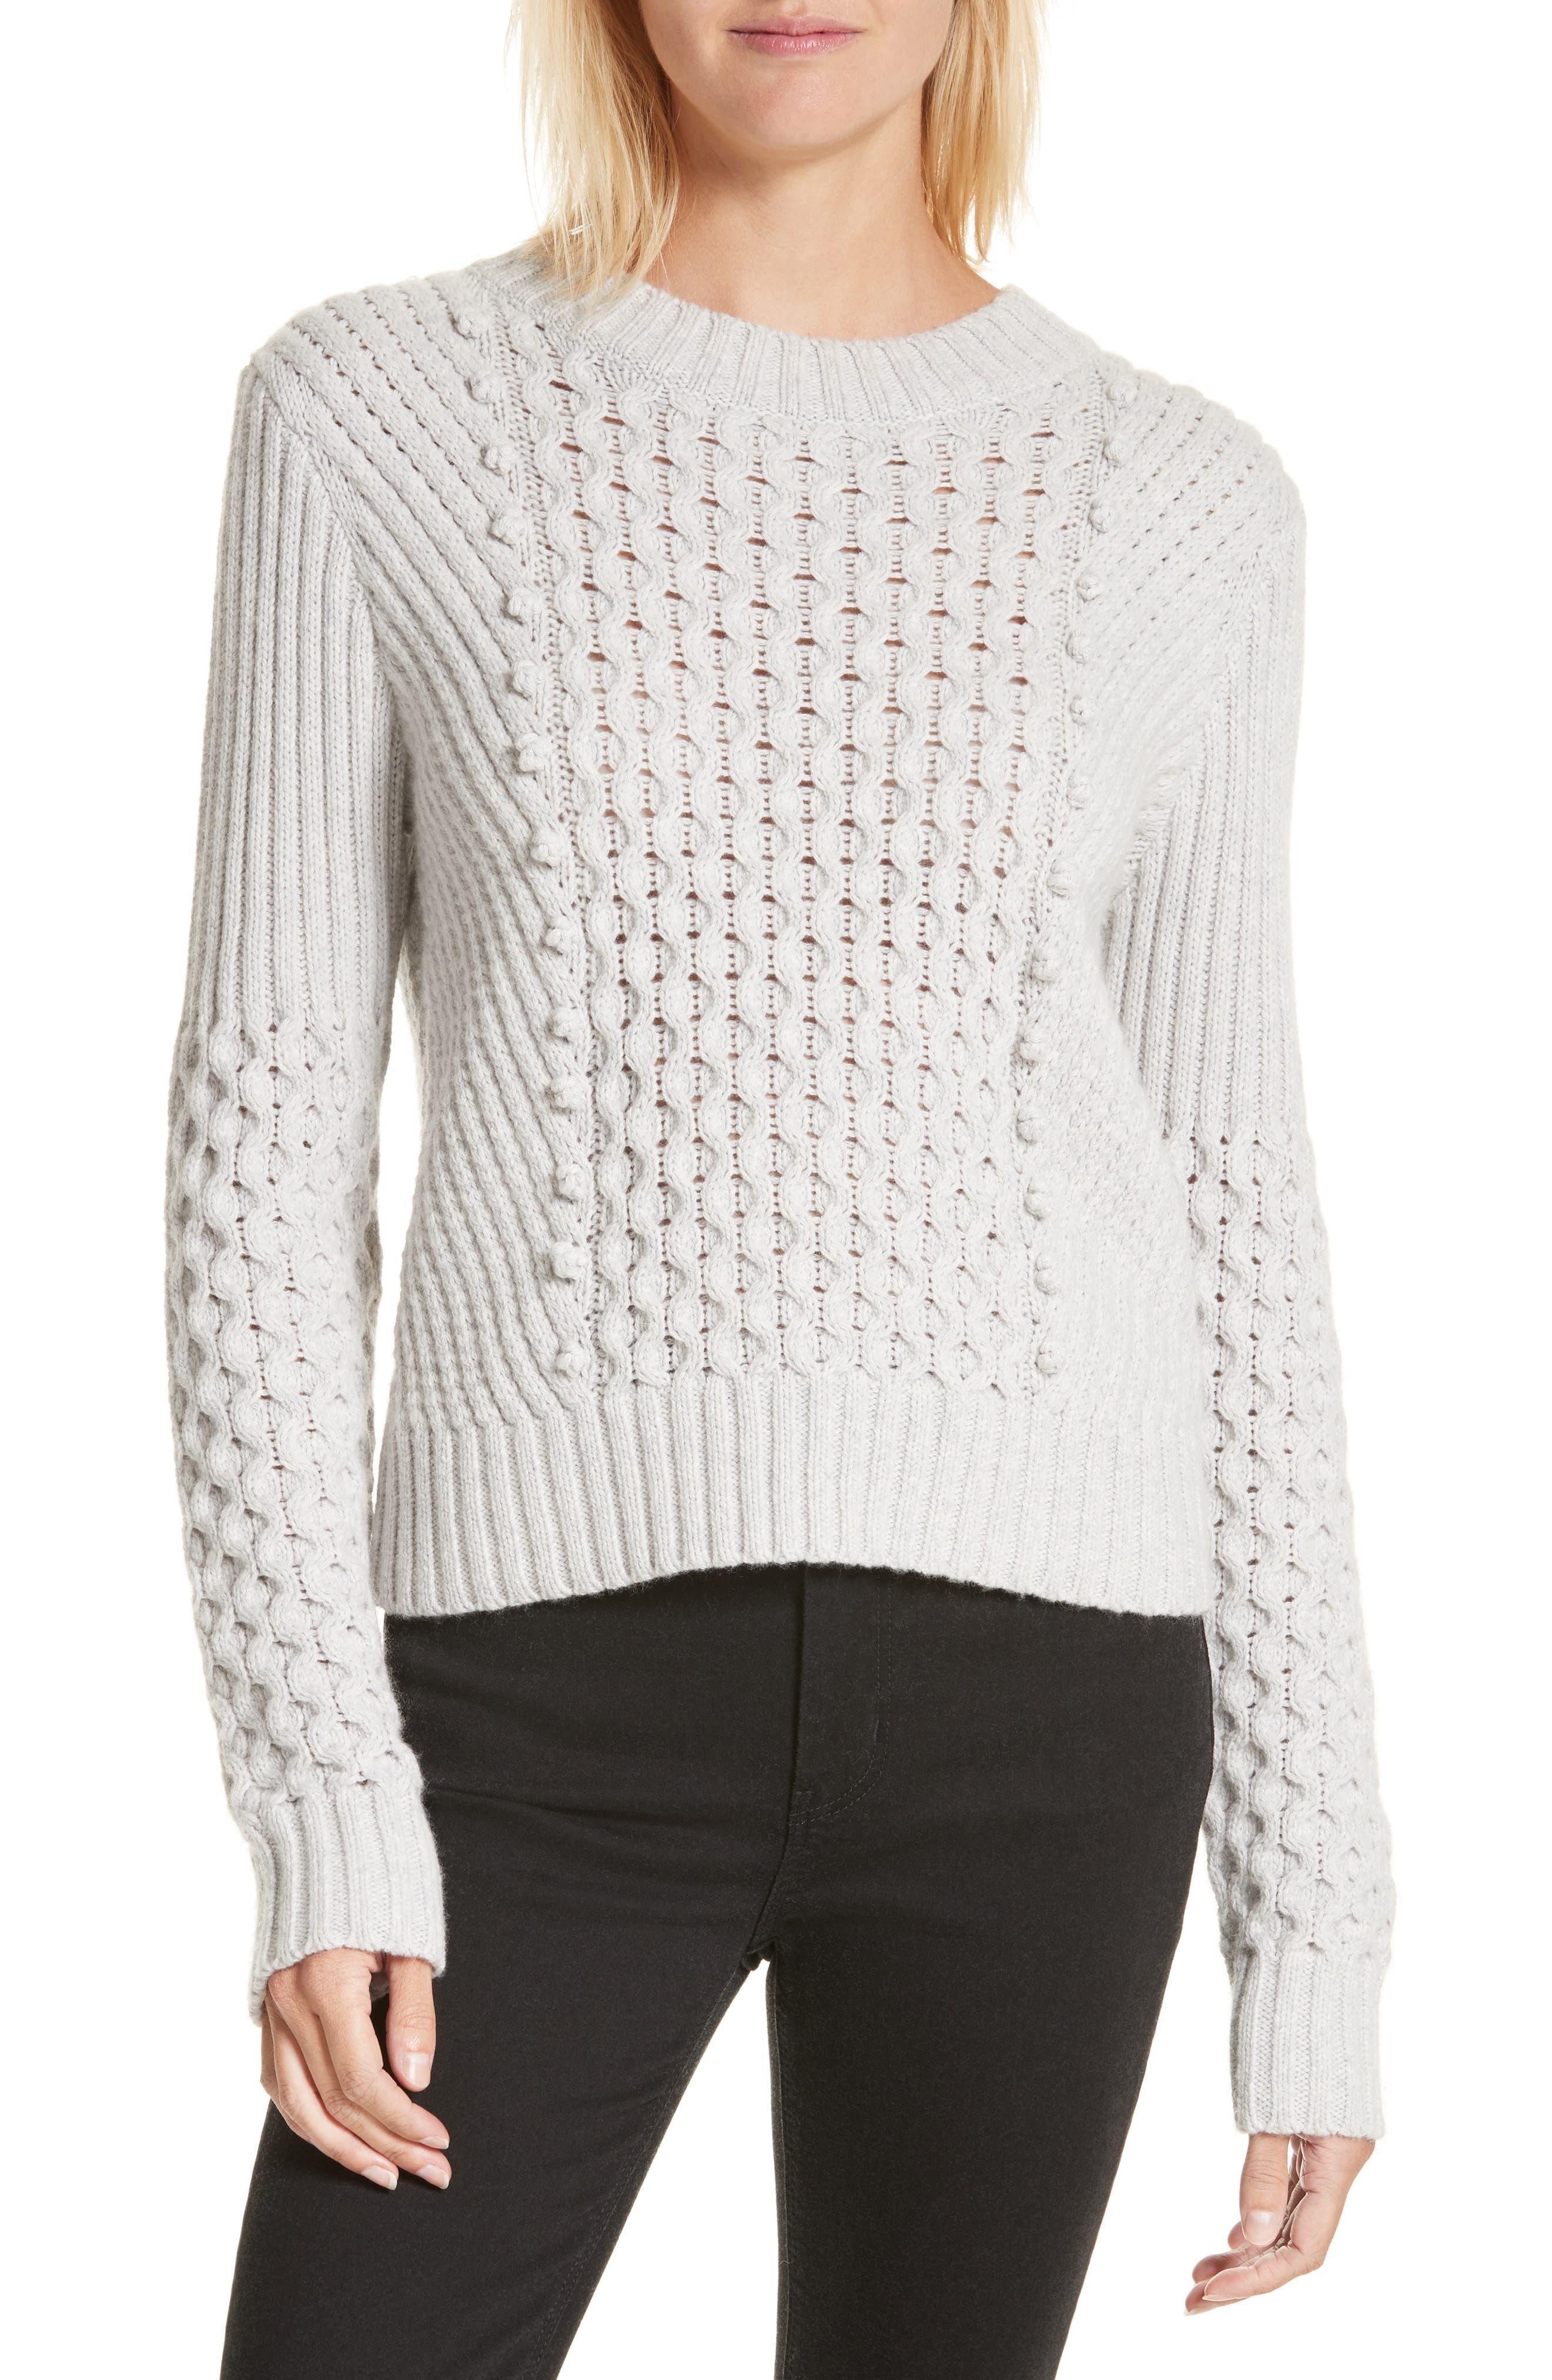 Main Image - La Vie Rebecca Taylor Honeycomb Stitch Sweater